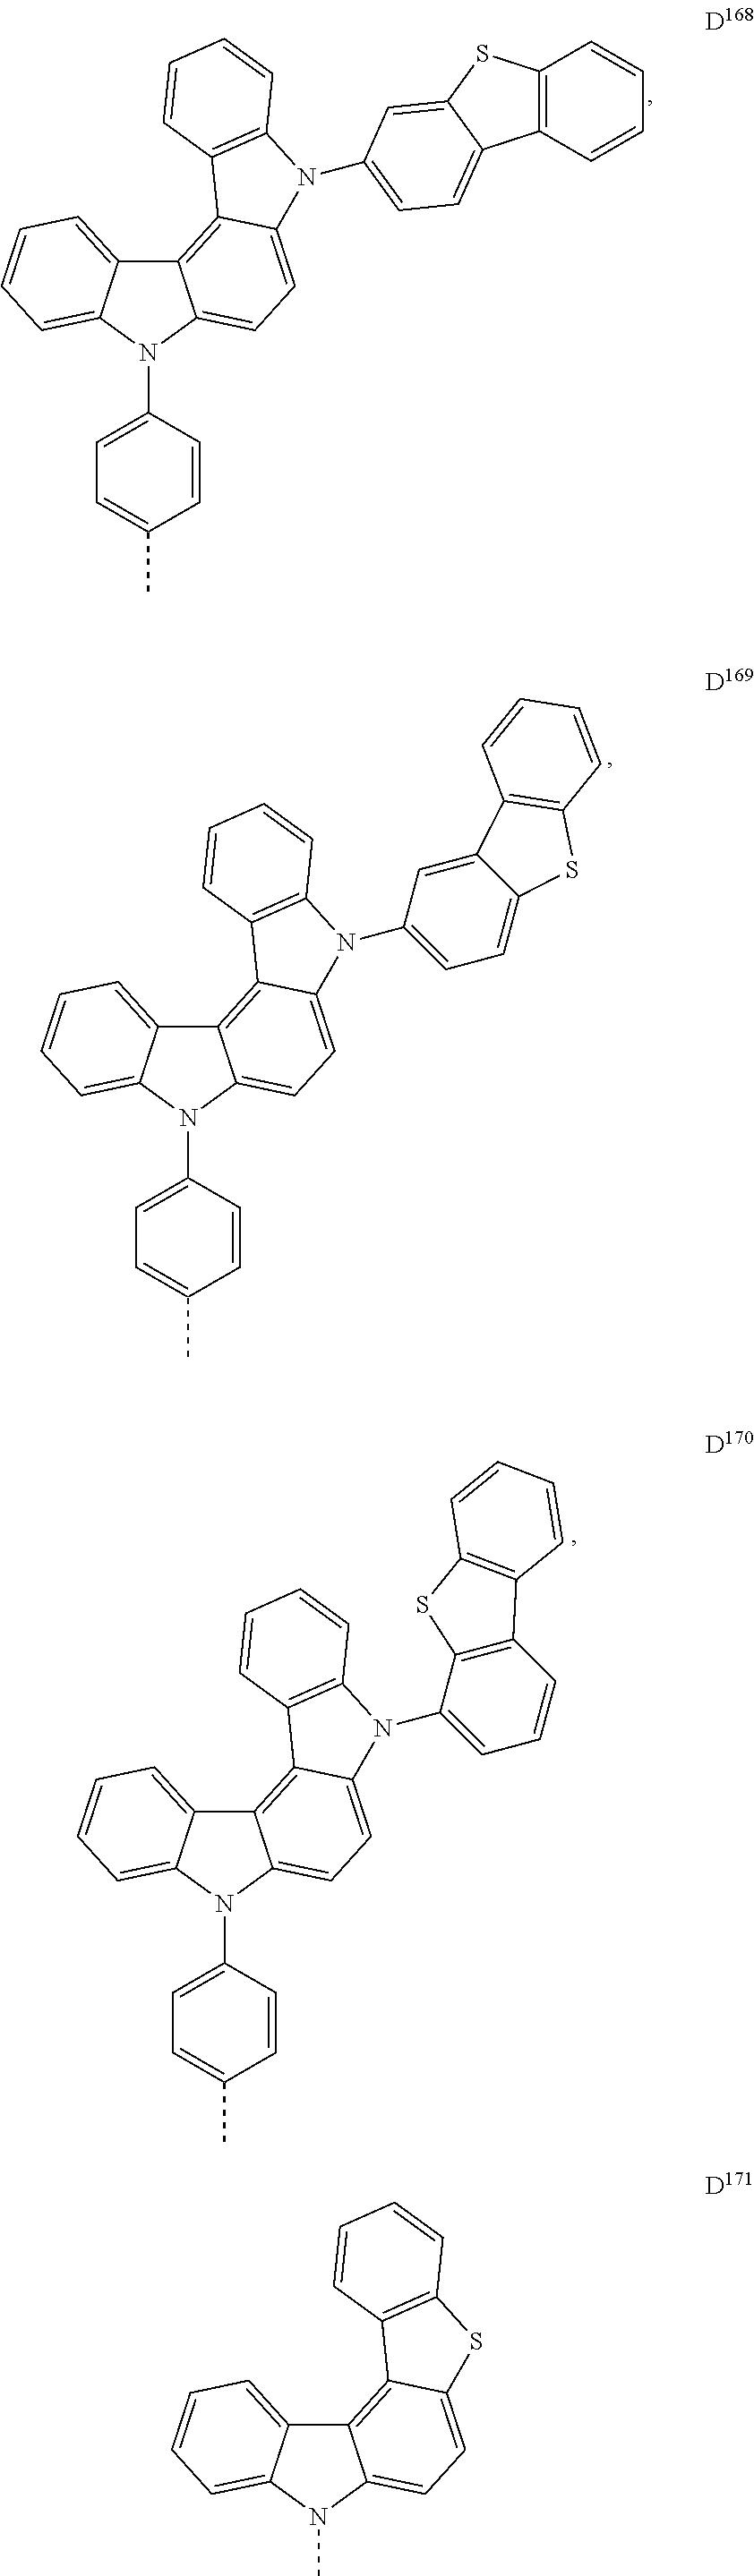 Figure US20170033295A1-20170202-C00069